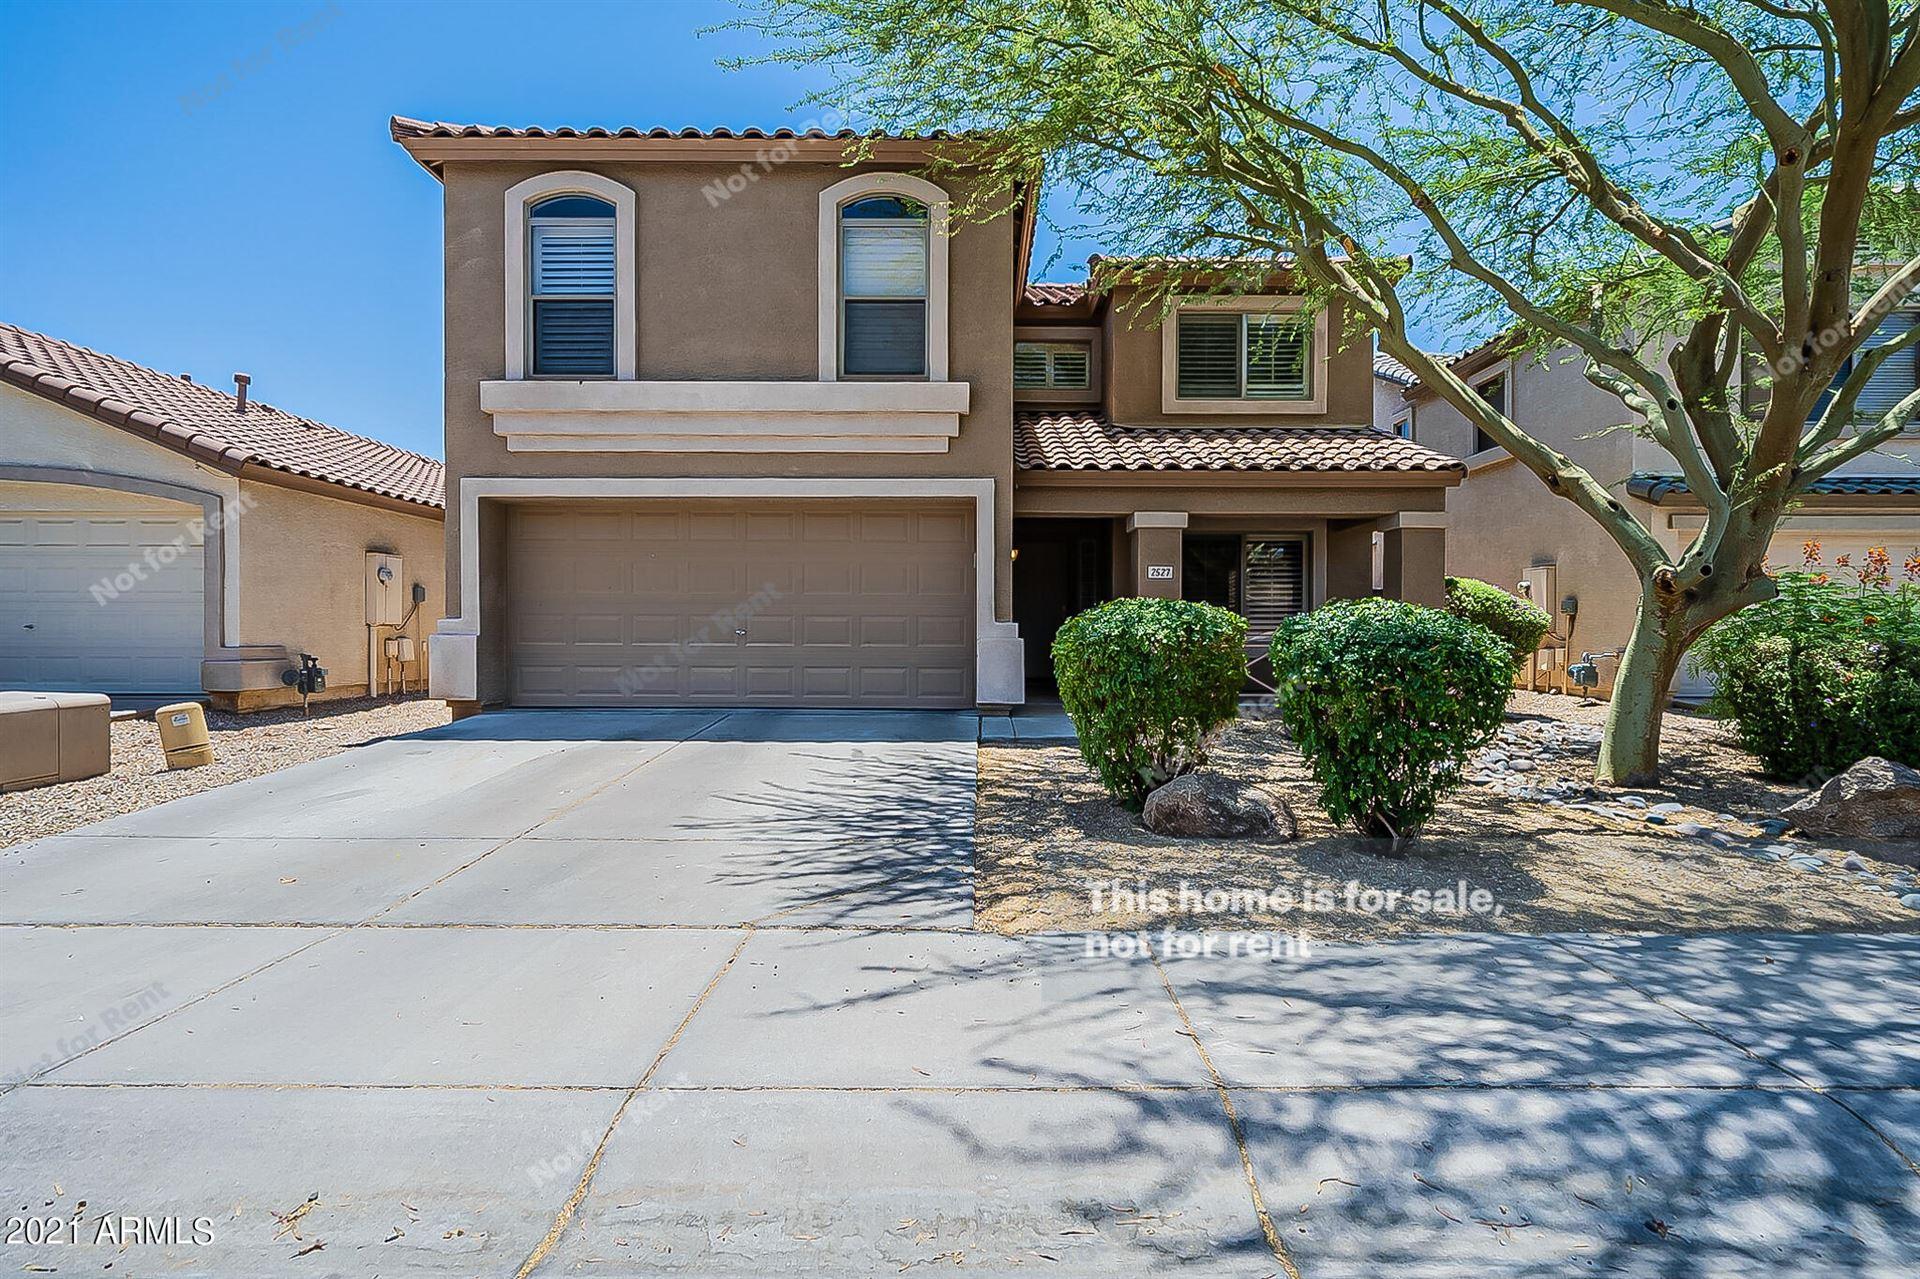 2527 W WHITE FEATHER Lane, Phoenix, AZ 85085 - MLS#: 6249184